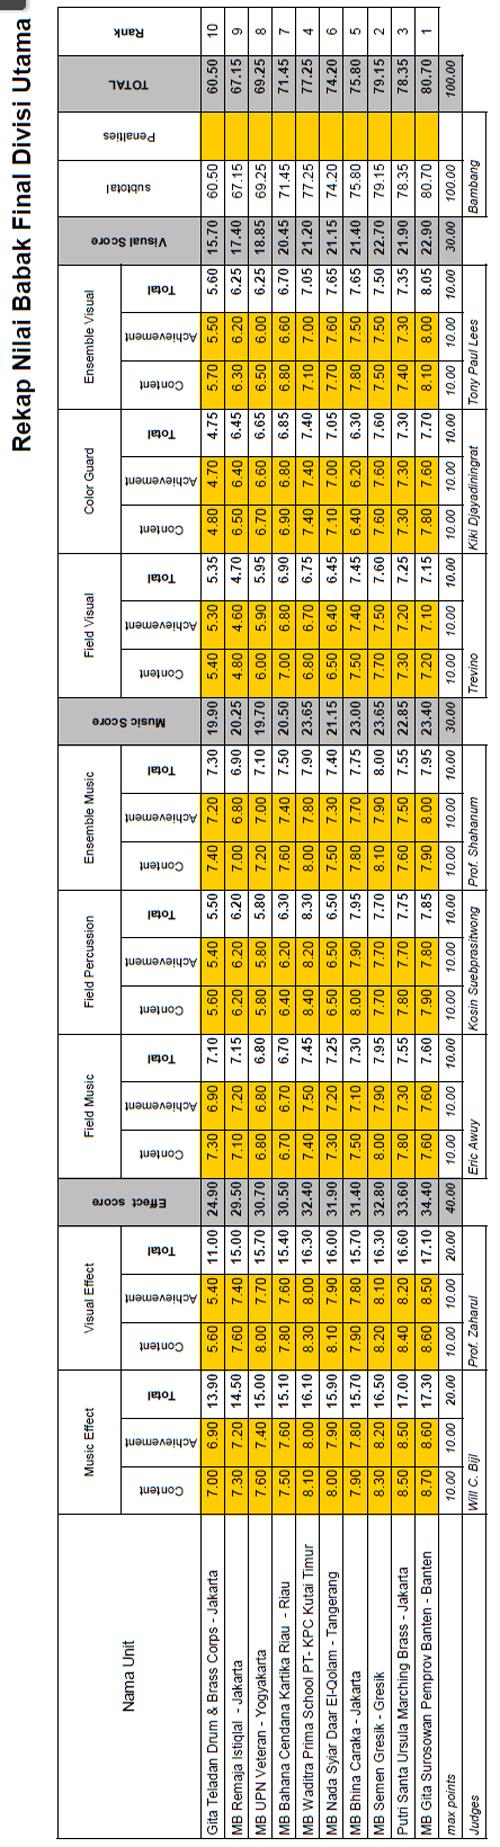 rekap-final-divisi-umum-gpmb2012